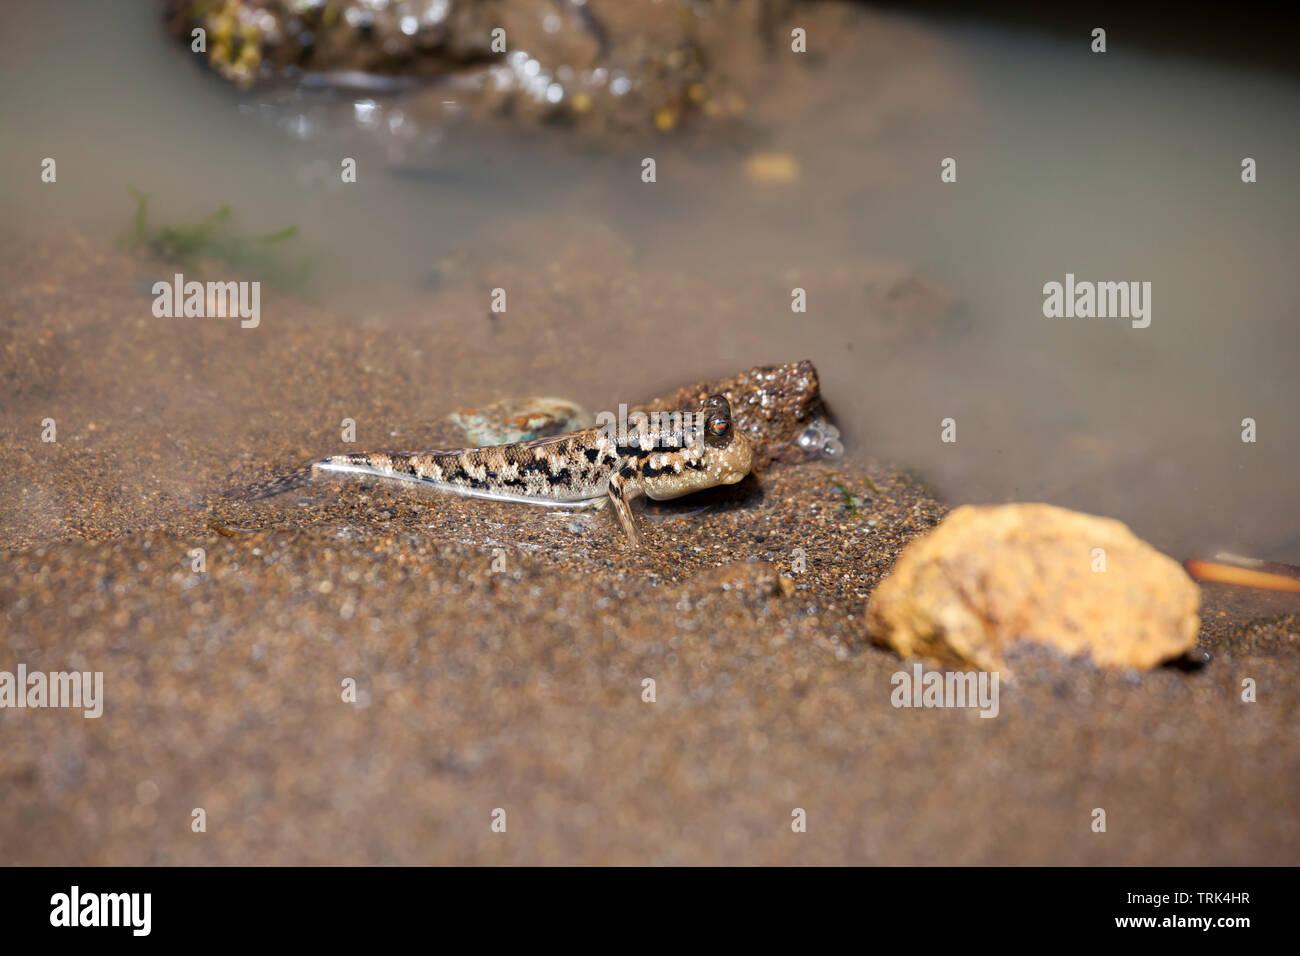 Die gesperrten Schlammspringer, Periophthalmus argentilineatus, ist in Meer- und Brackwasser von der Afrikanischen Küste des Indischen Ozeans an die Stockbild